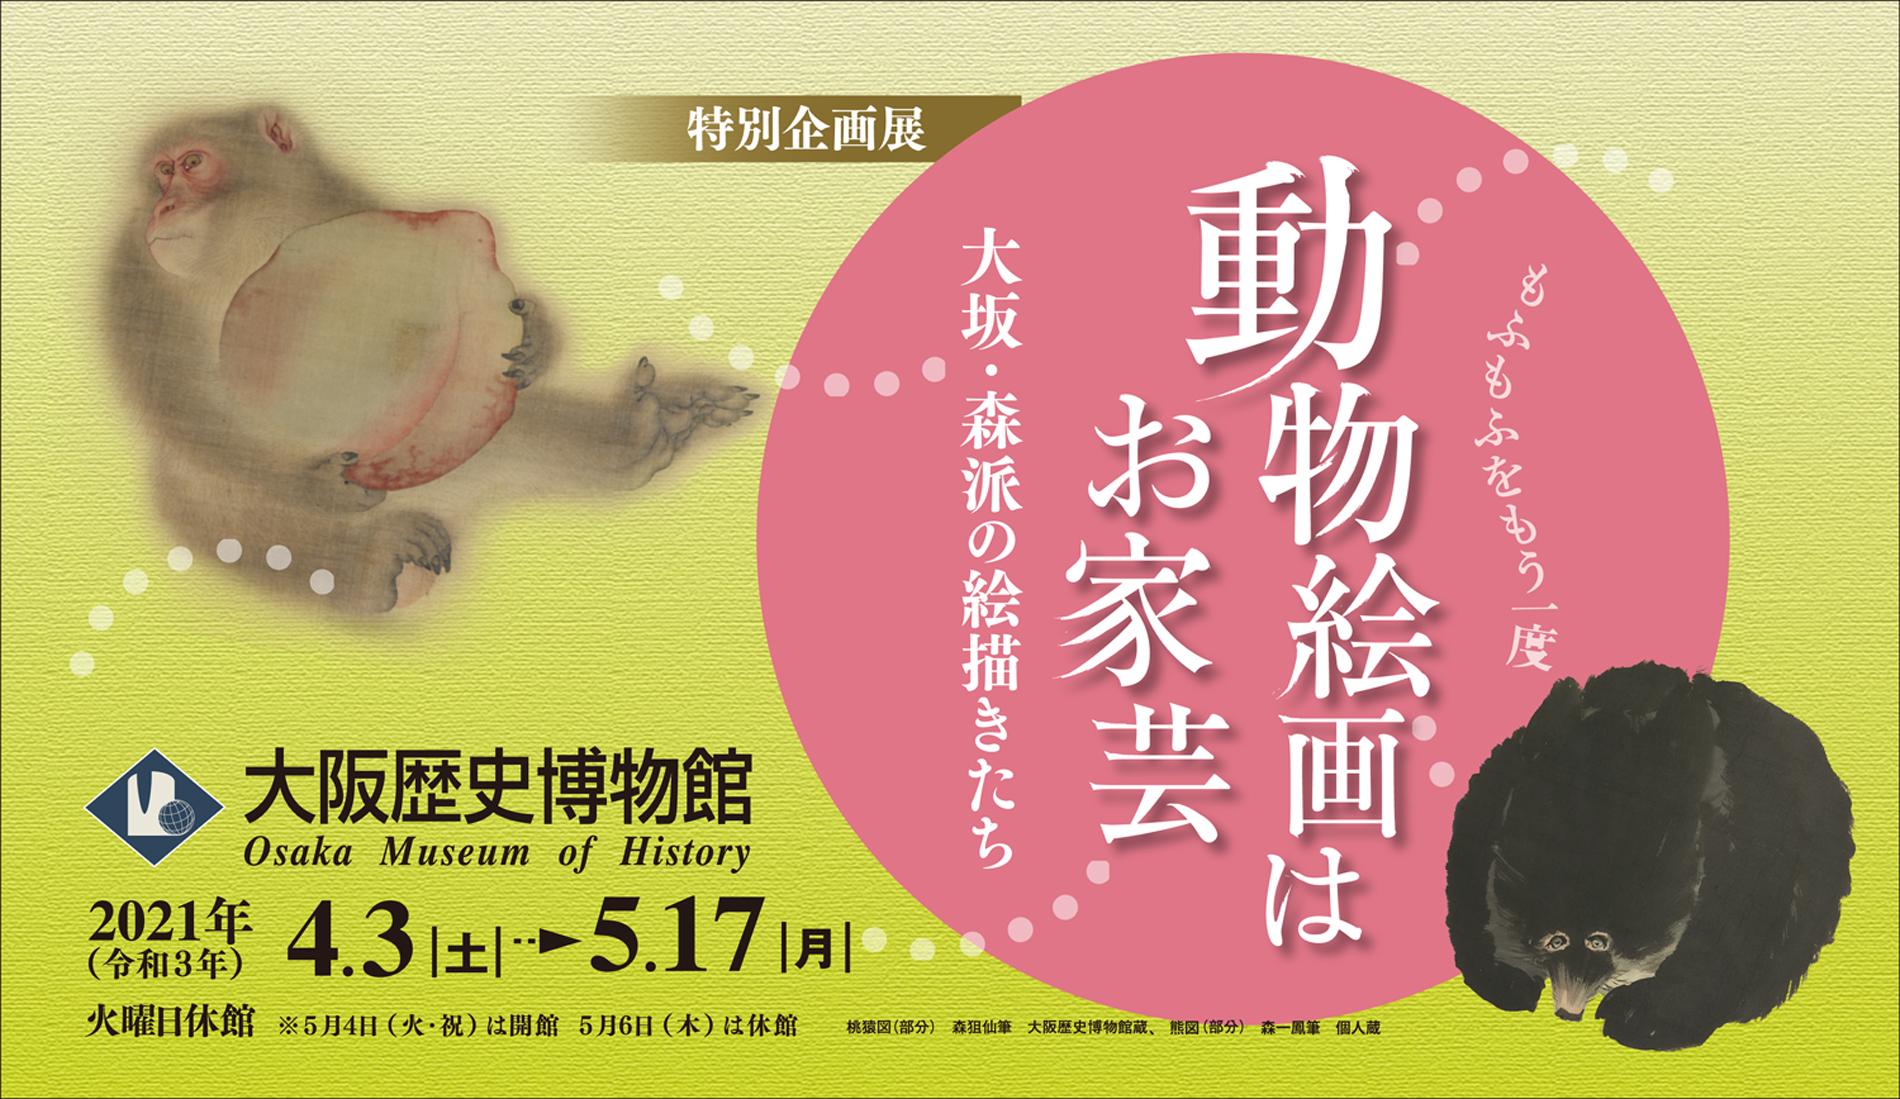 大阪歴史博物館,歴史博物館,動物絵画はお家芸,もふもふ,動物絵画